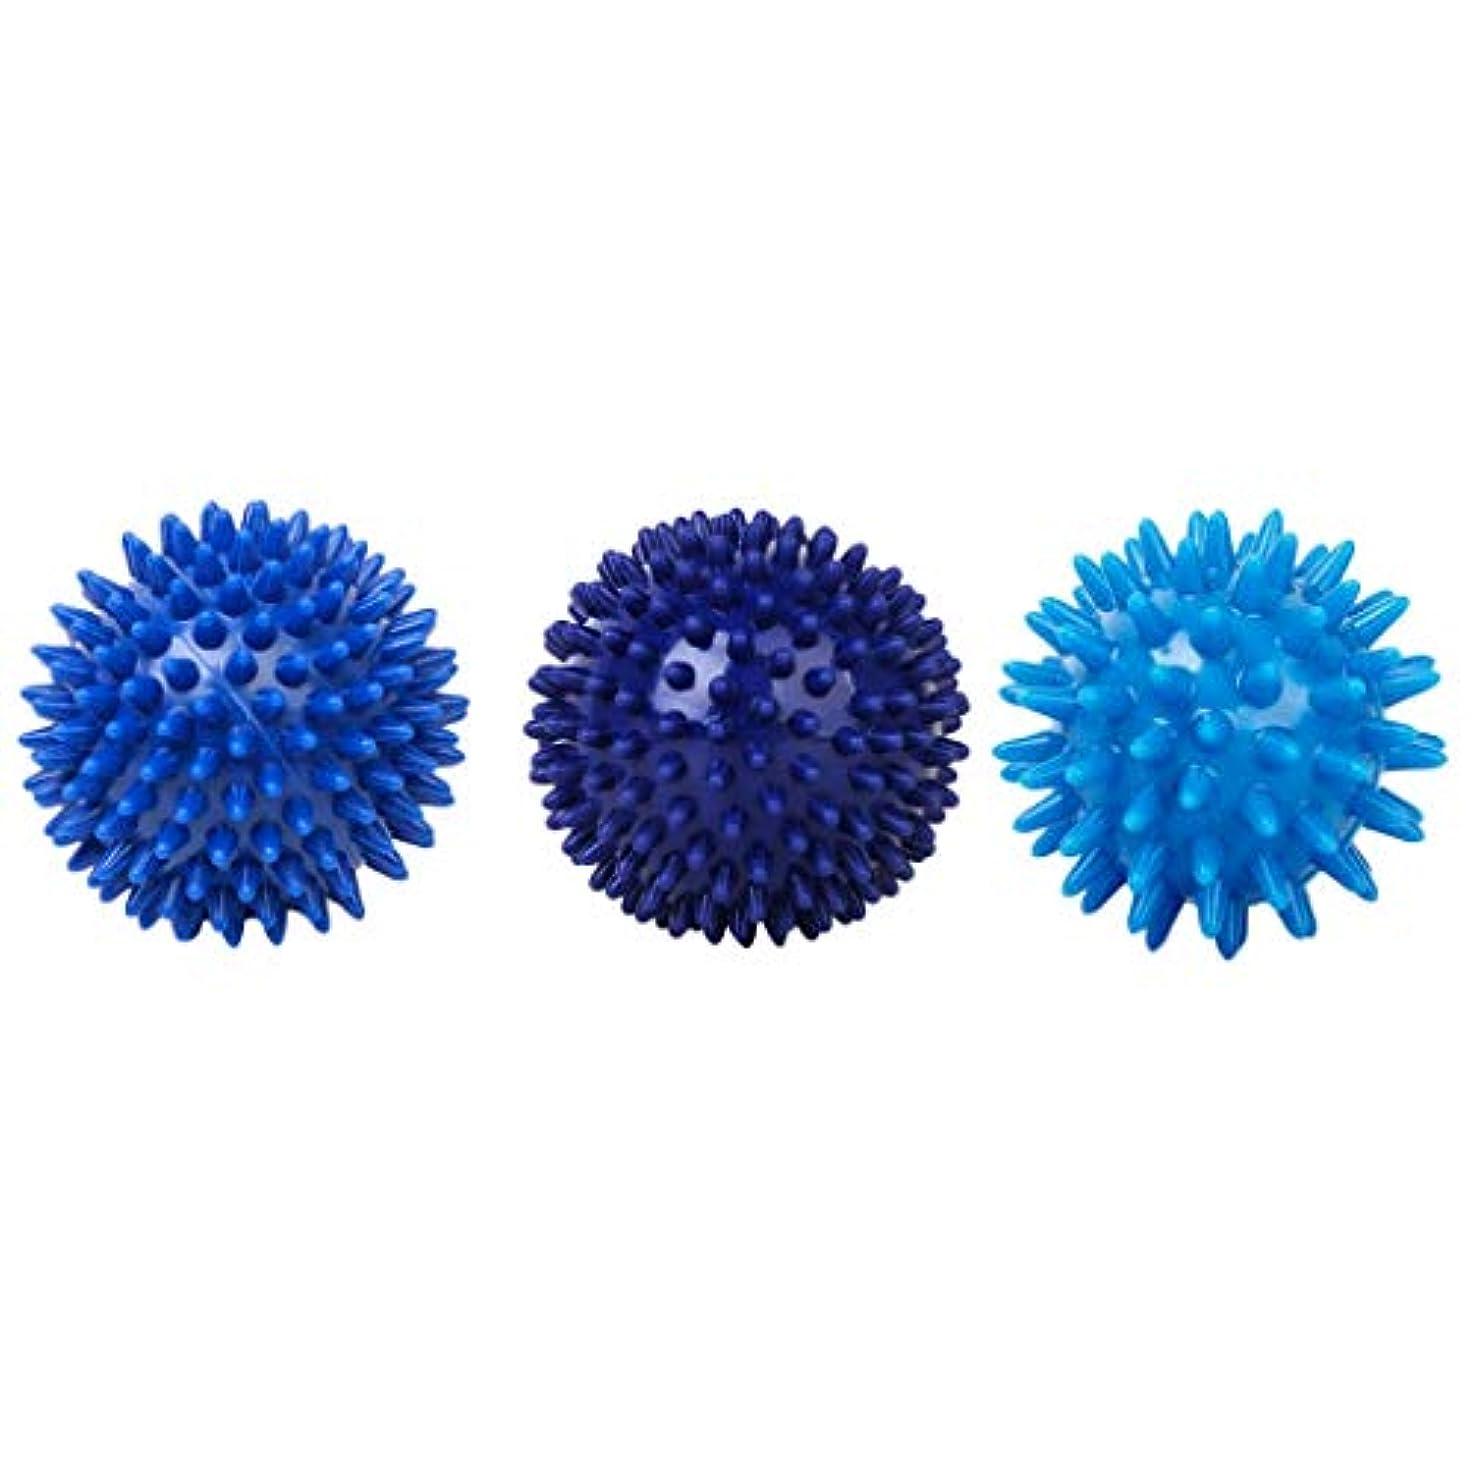 終了する原告虚偽マッサージボール 筋膜ボール ハードボール プラスチック 全身マッサージ 血液循環促進